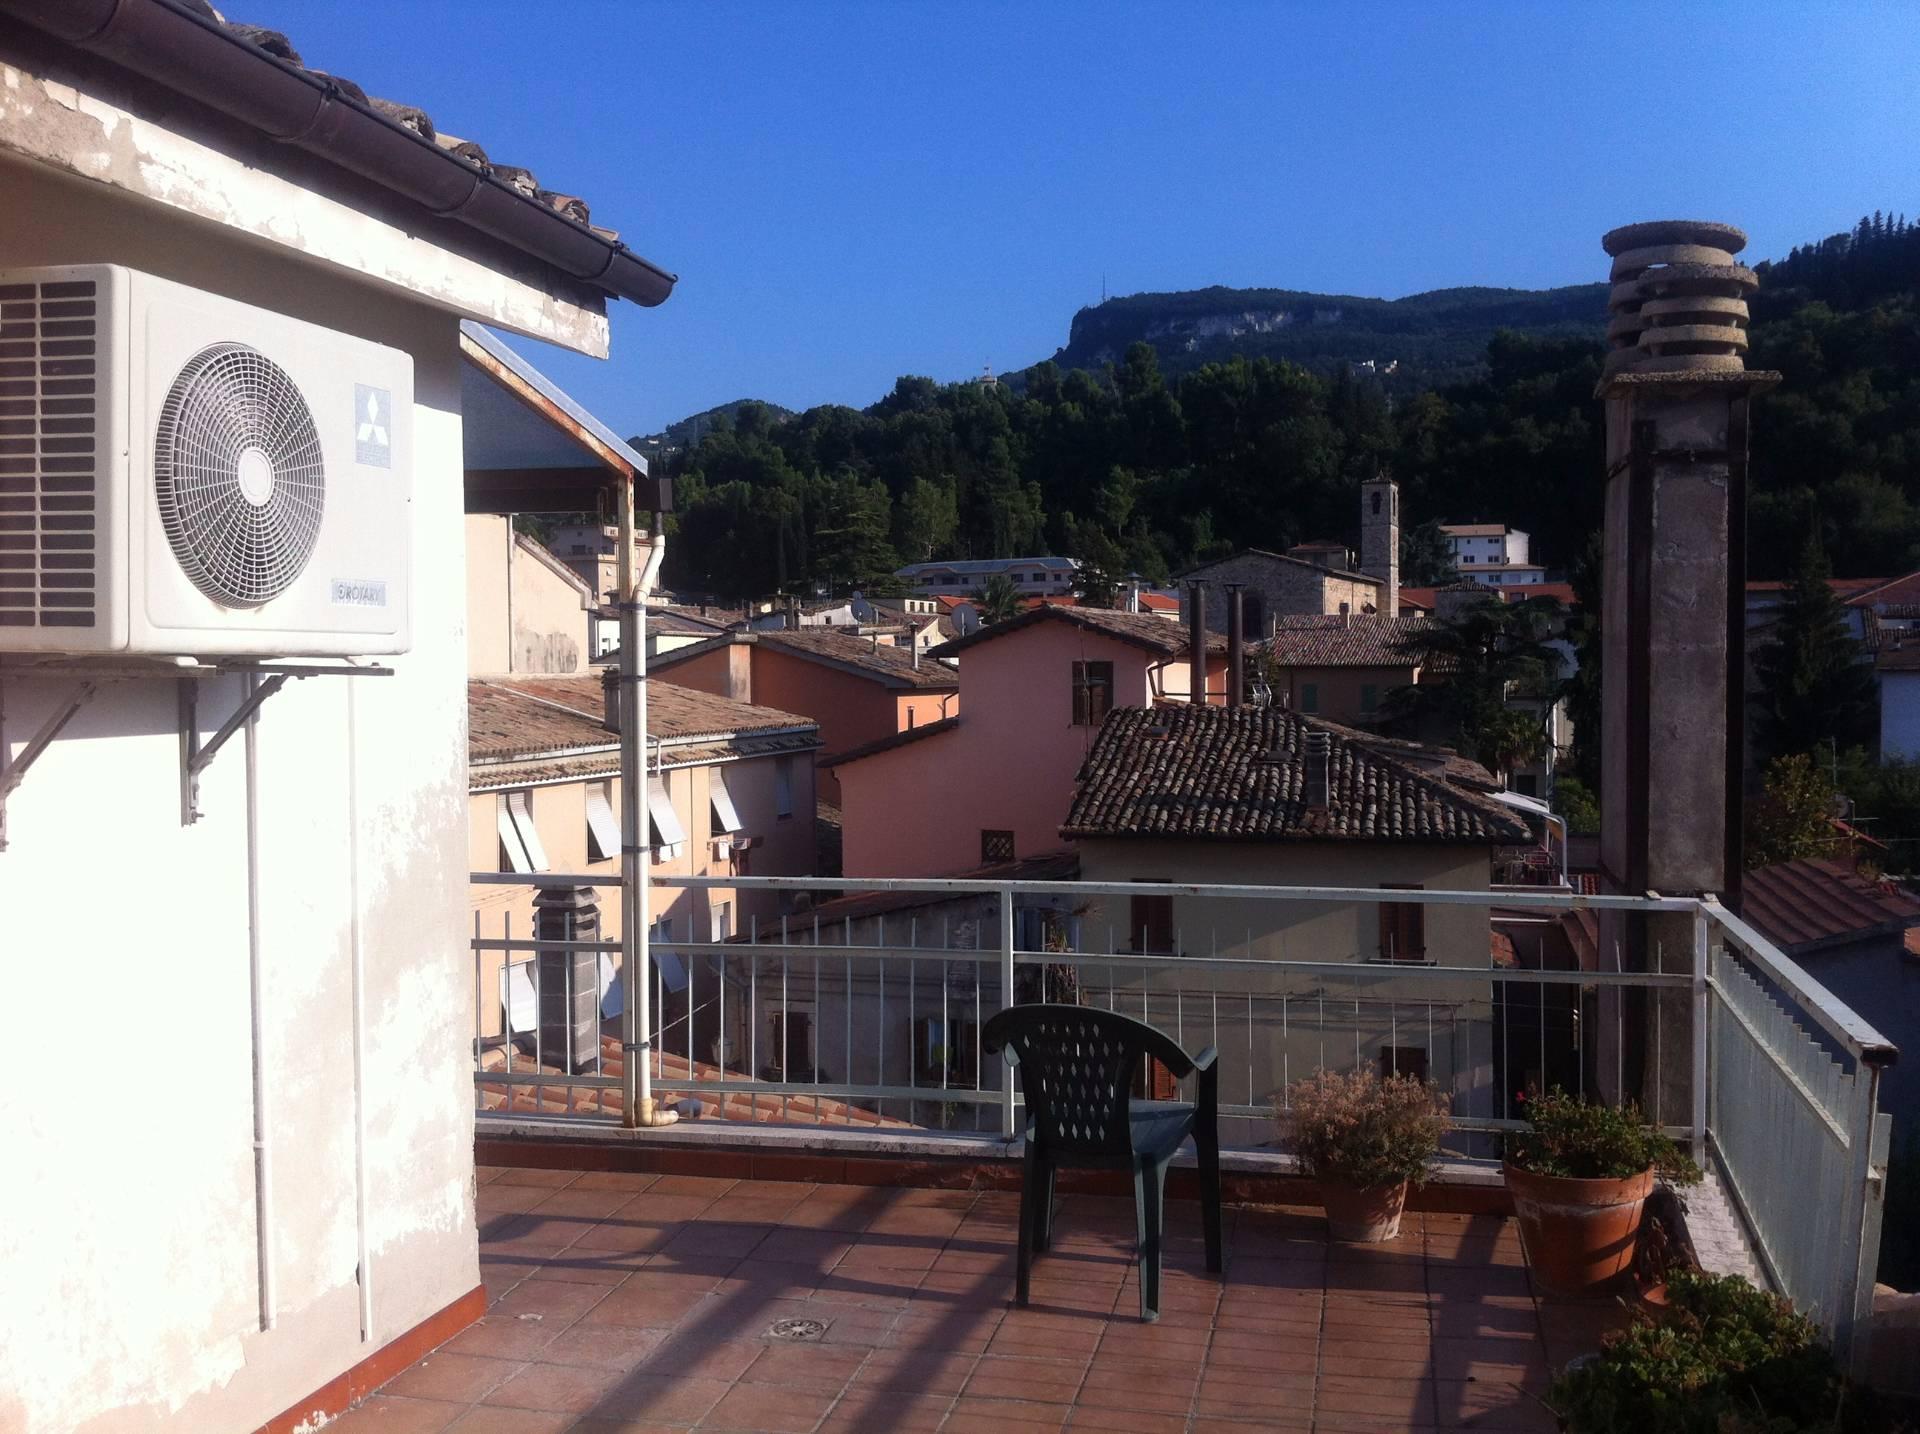 Appartamento in affitto a Ascoli Piceno, 10 locali, zona Località: CentroStorico, prezzo € 600 | CambioCasa.it